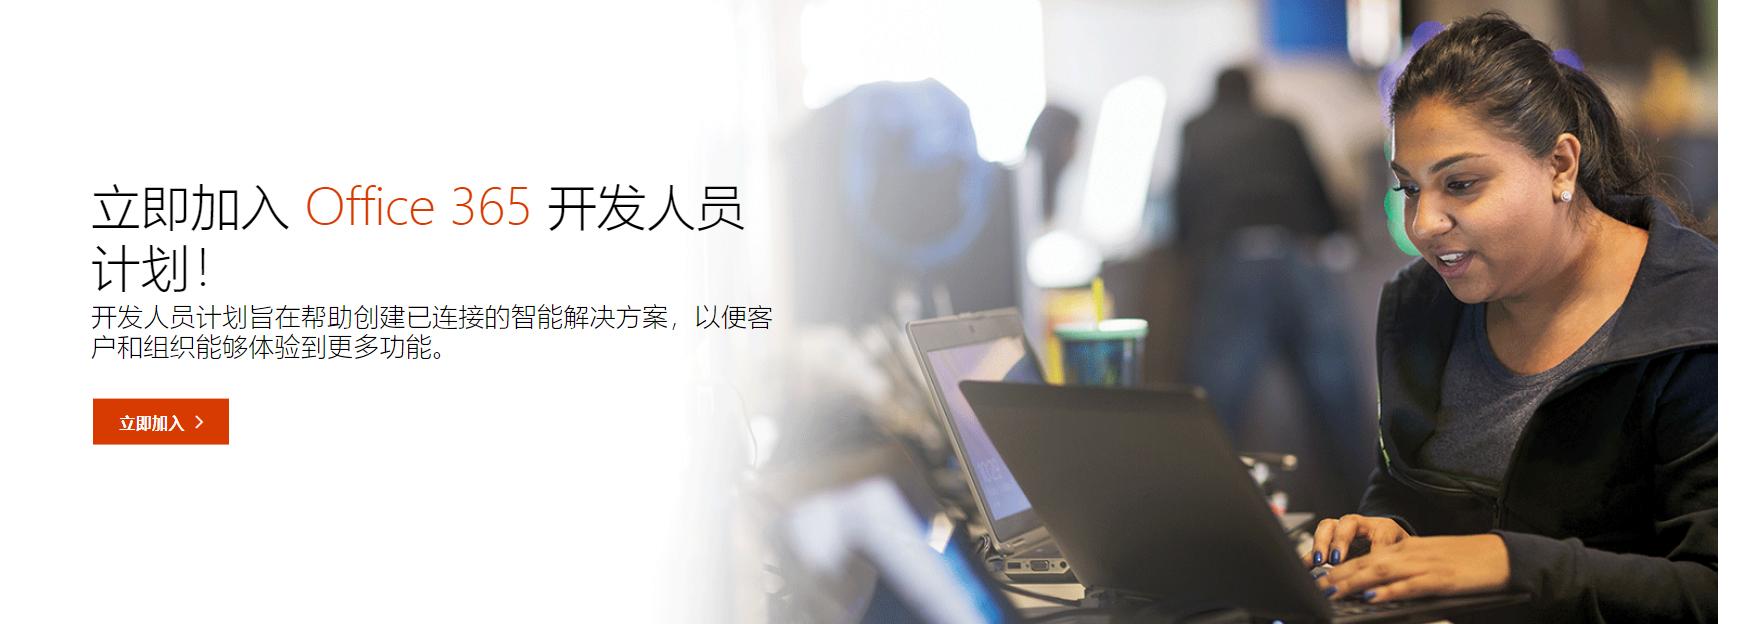 微软Office 365 E3-25账户管理员免费一年申请